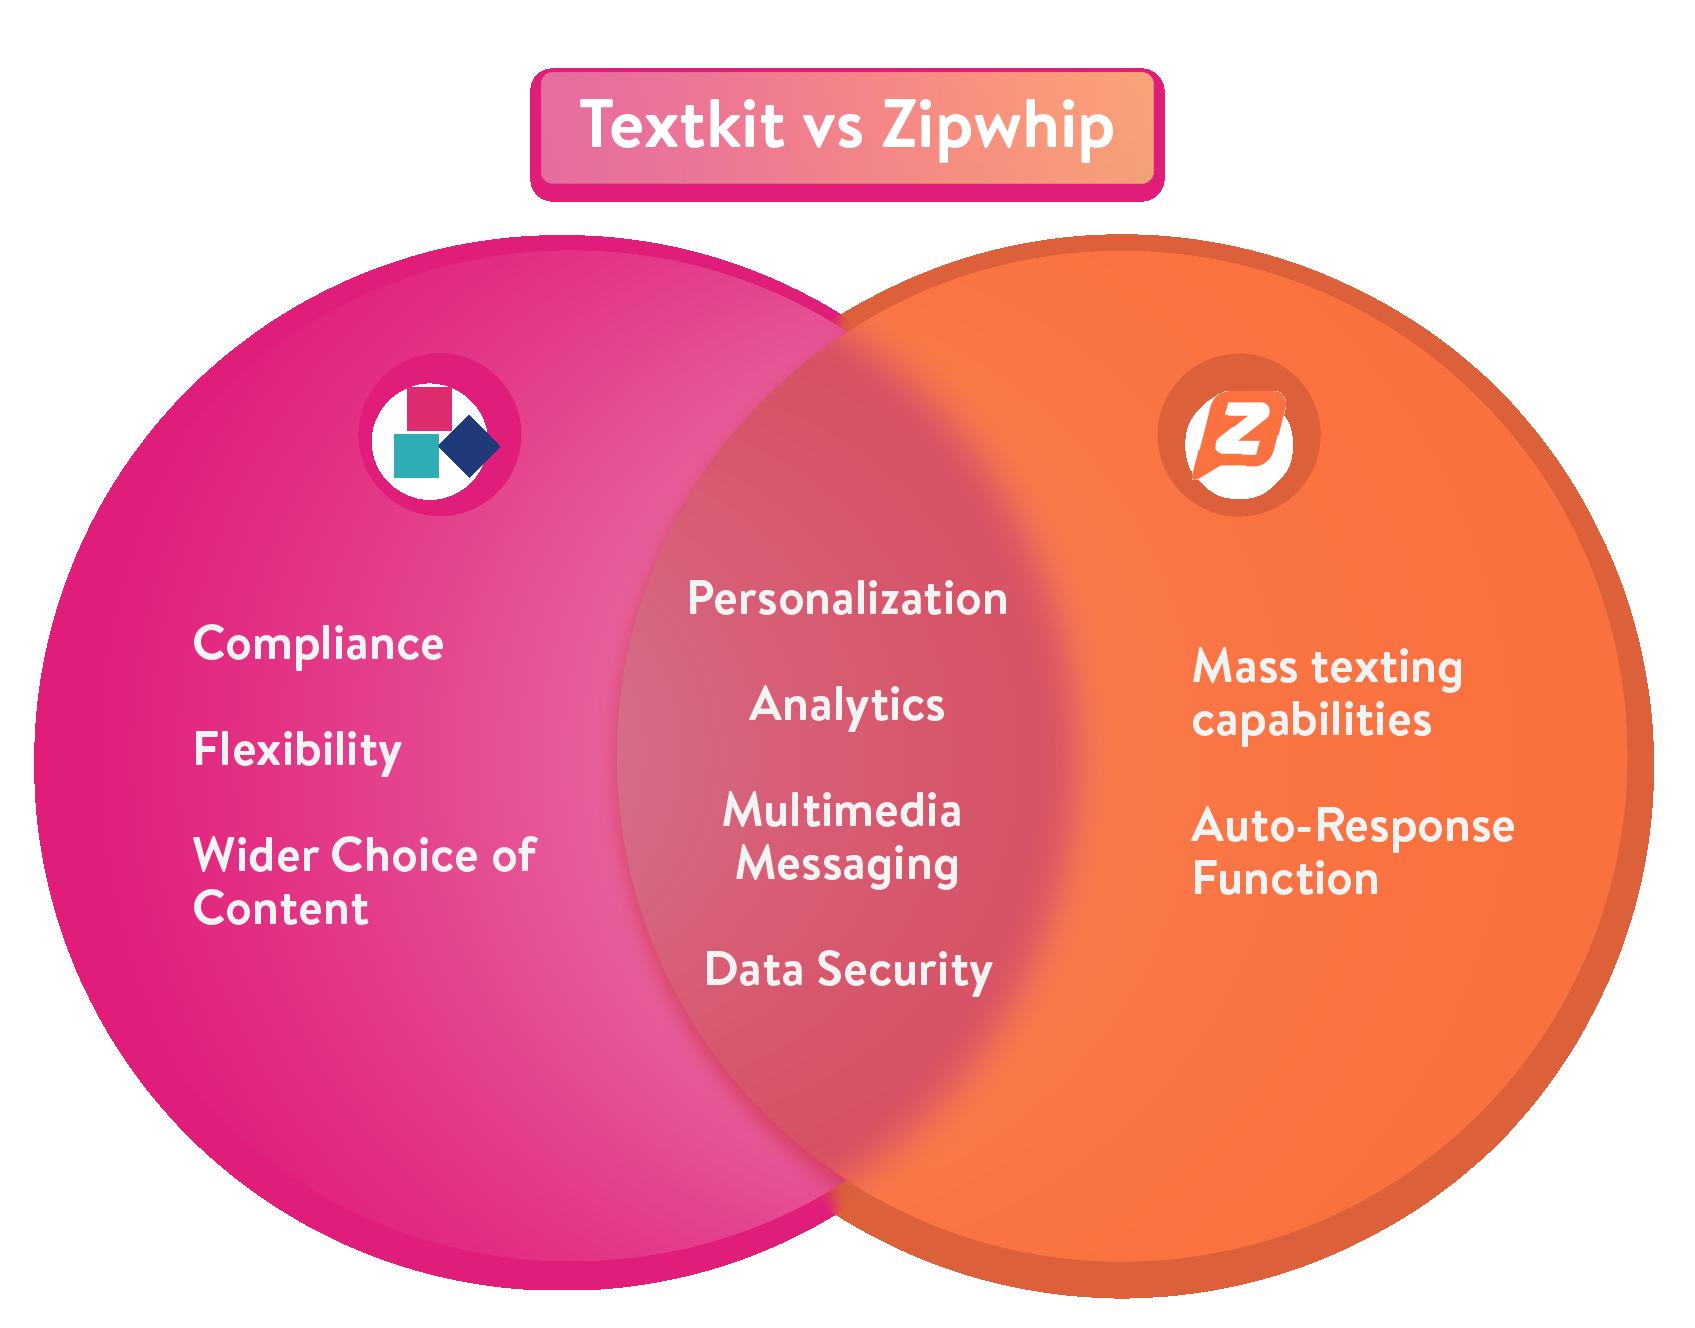 TextKit vs Zipwhip